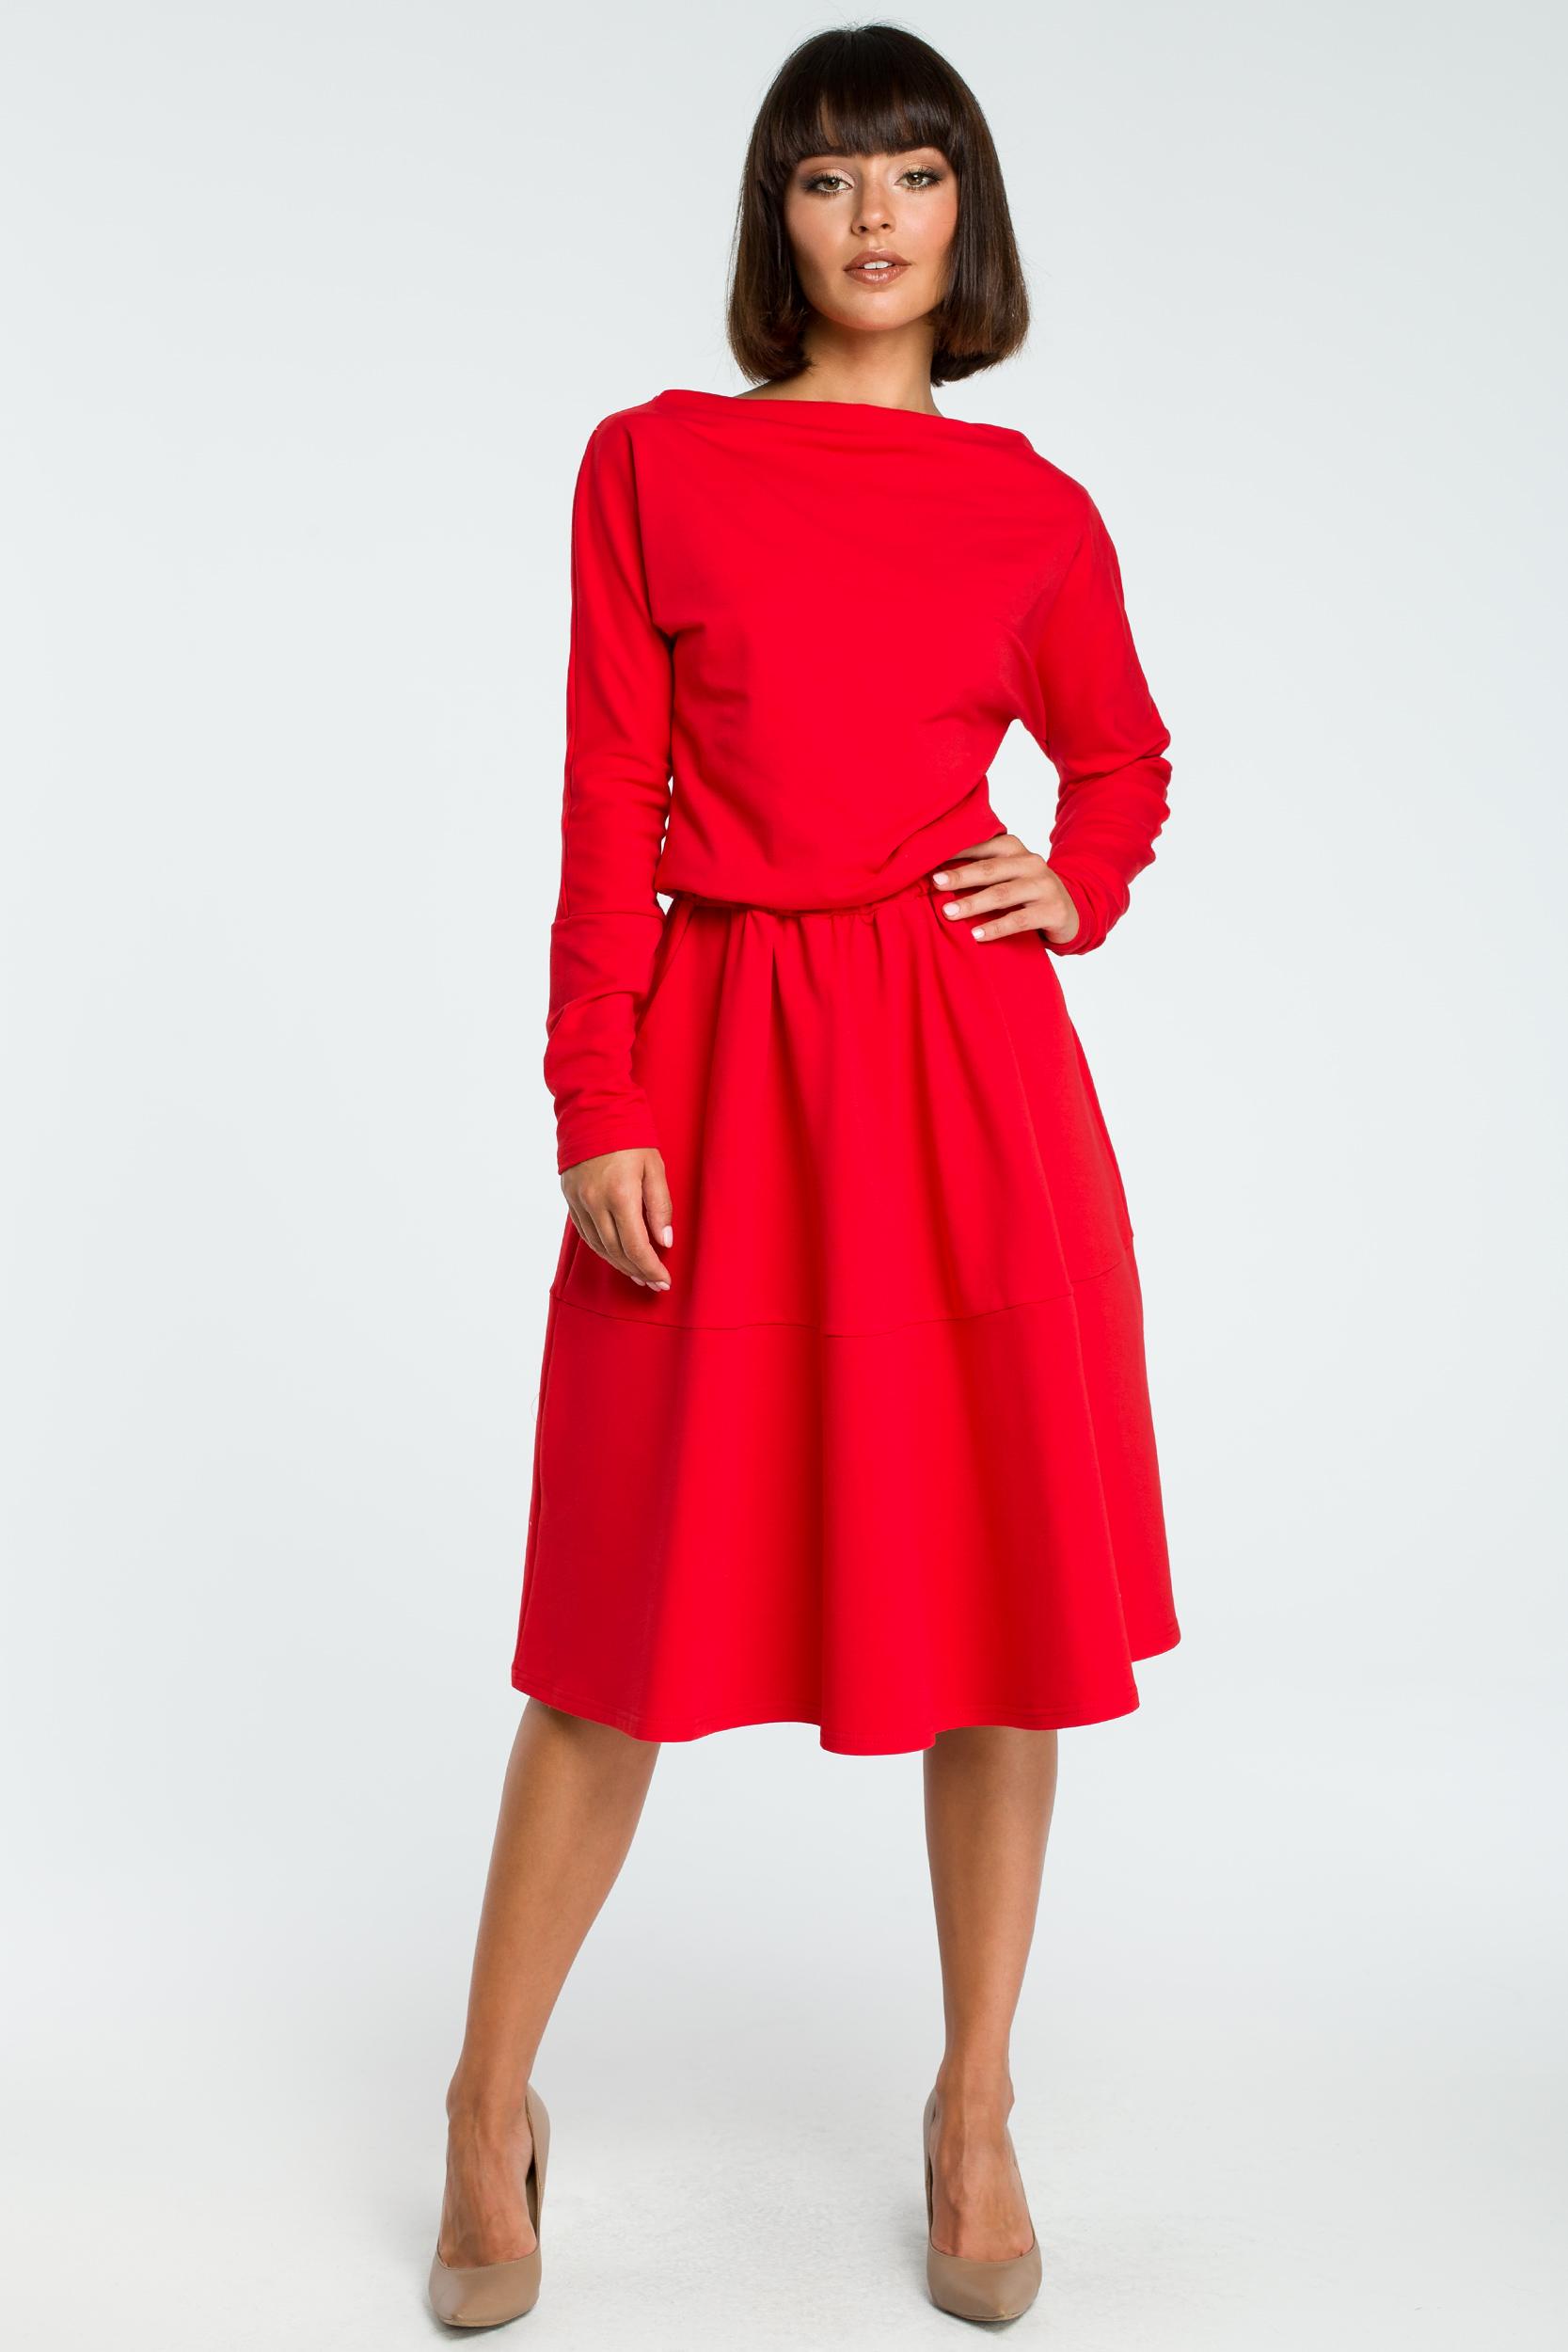 3e7accf7d9 Elegancka sukienka do pracy z długim rękawem - wysyłka już od 5